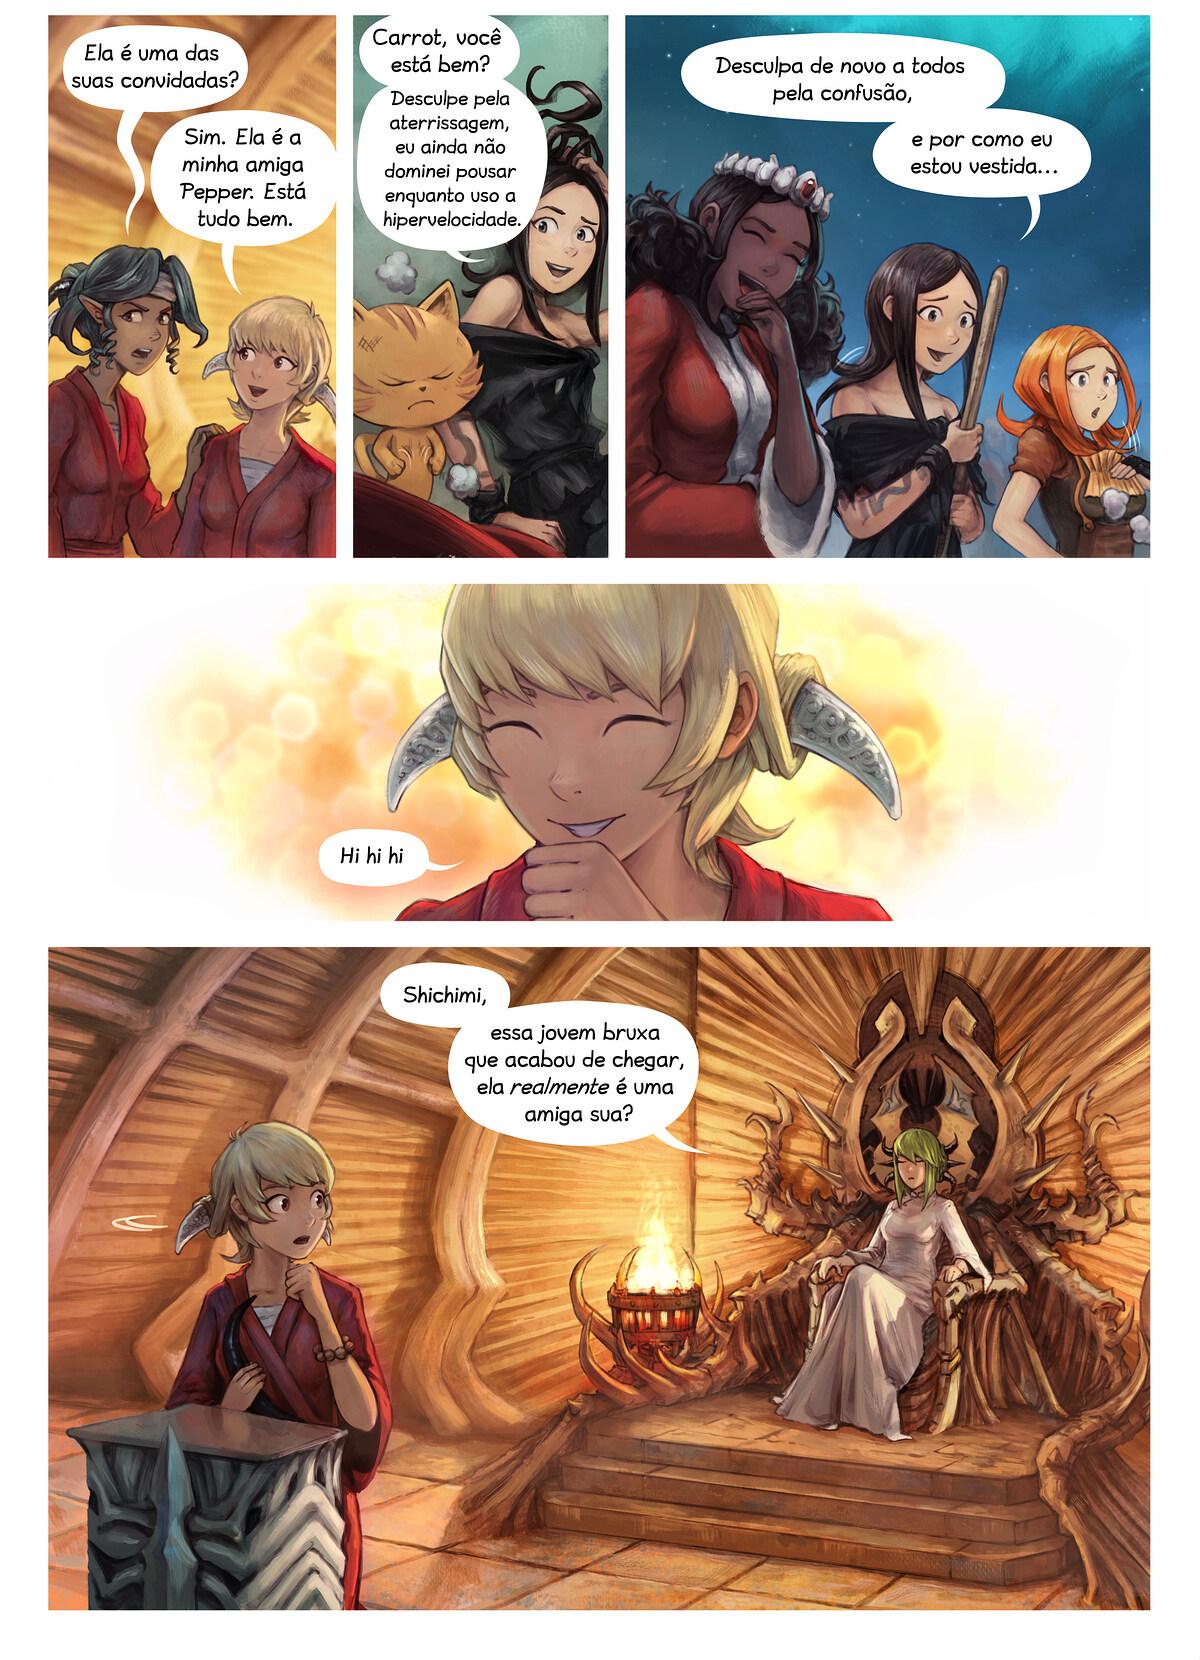 Episódio 34: A Condecoração da Cavaleira Shichimi, Page 3